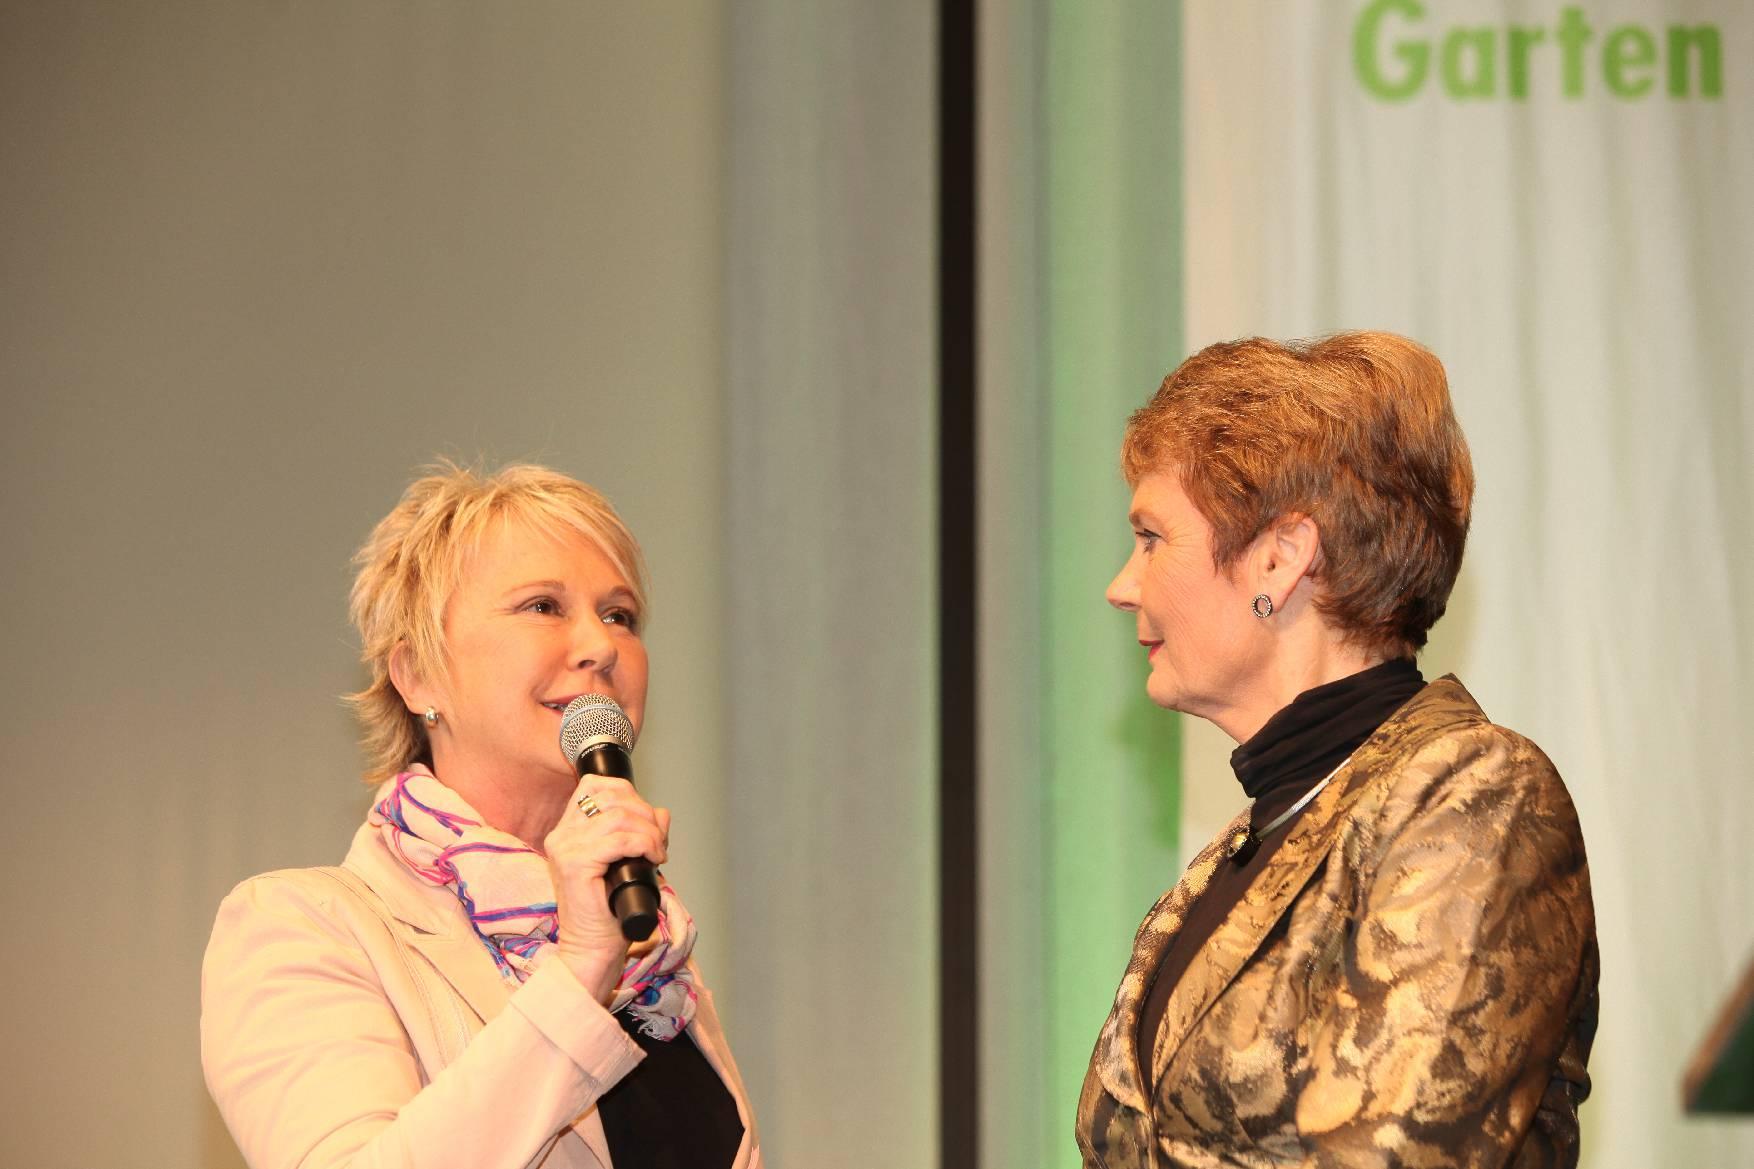 Moderation Jahreshauptversammlung des Gartenbauverbandes mit Staatssekretärin Friedlinde Gurr-Hirsch, Filderhalle im März 2017 Andrea Müller